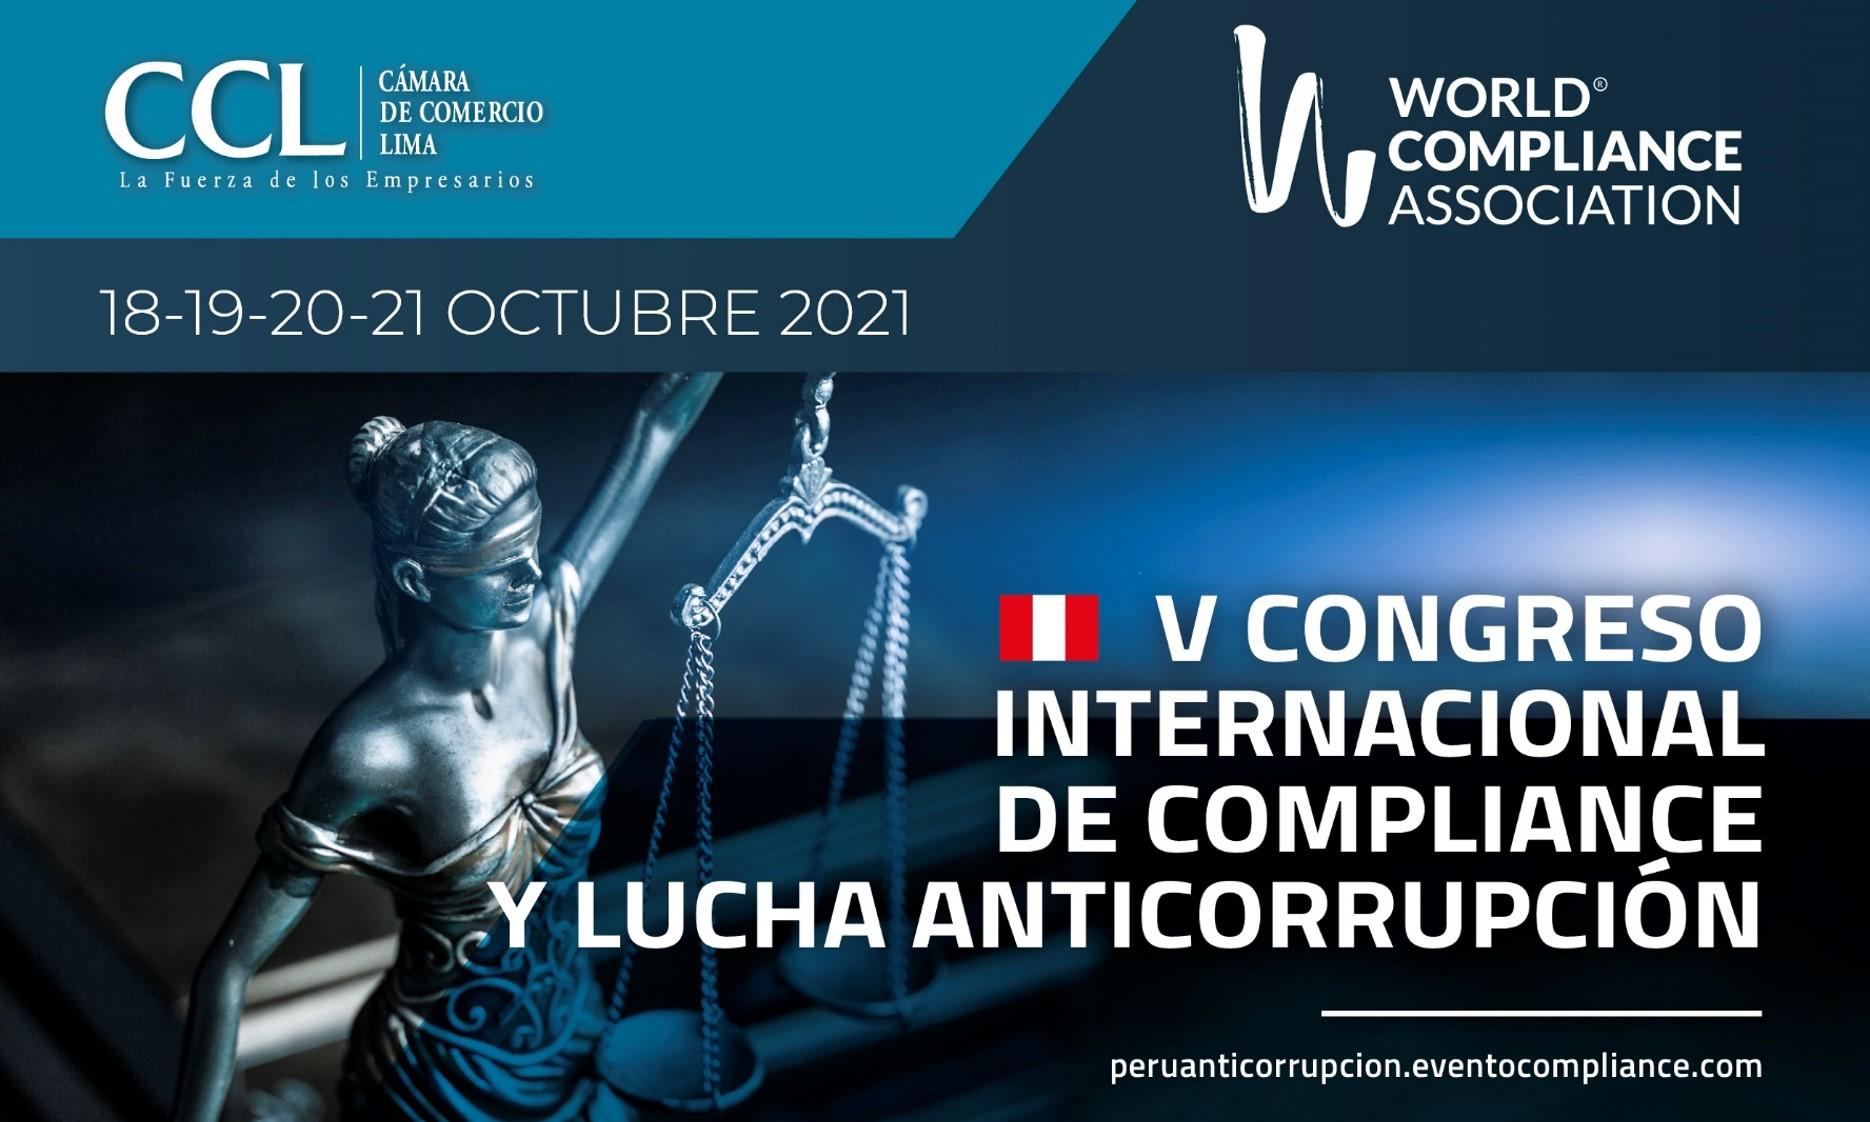 Congreso Internacional de la WCA se suma a la lucha anticorrupción como política de Estado prioritaria de la agenda del Bicentenario